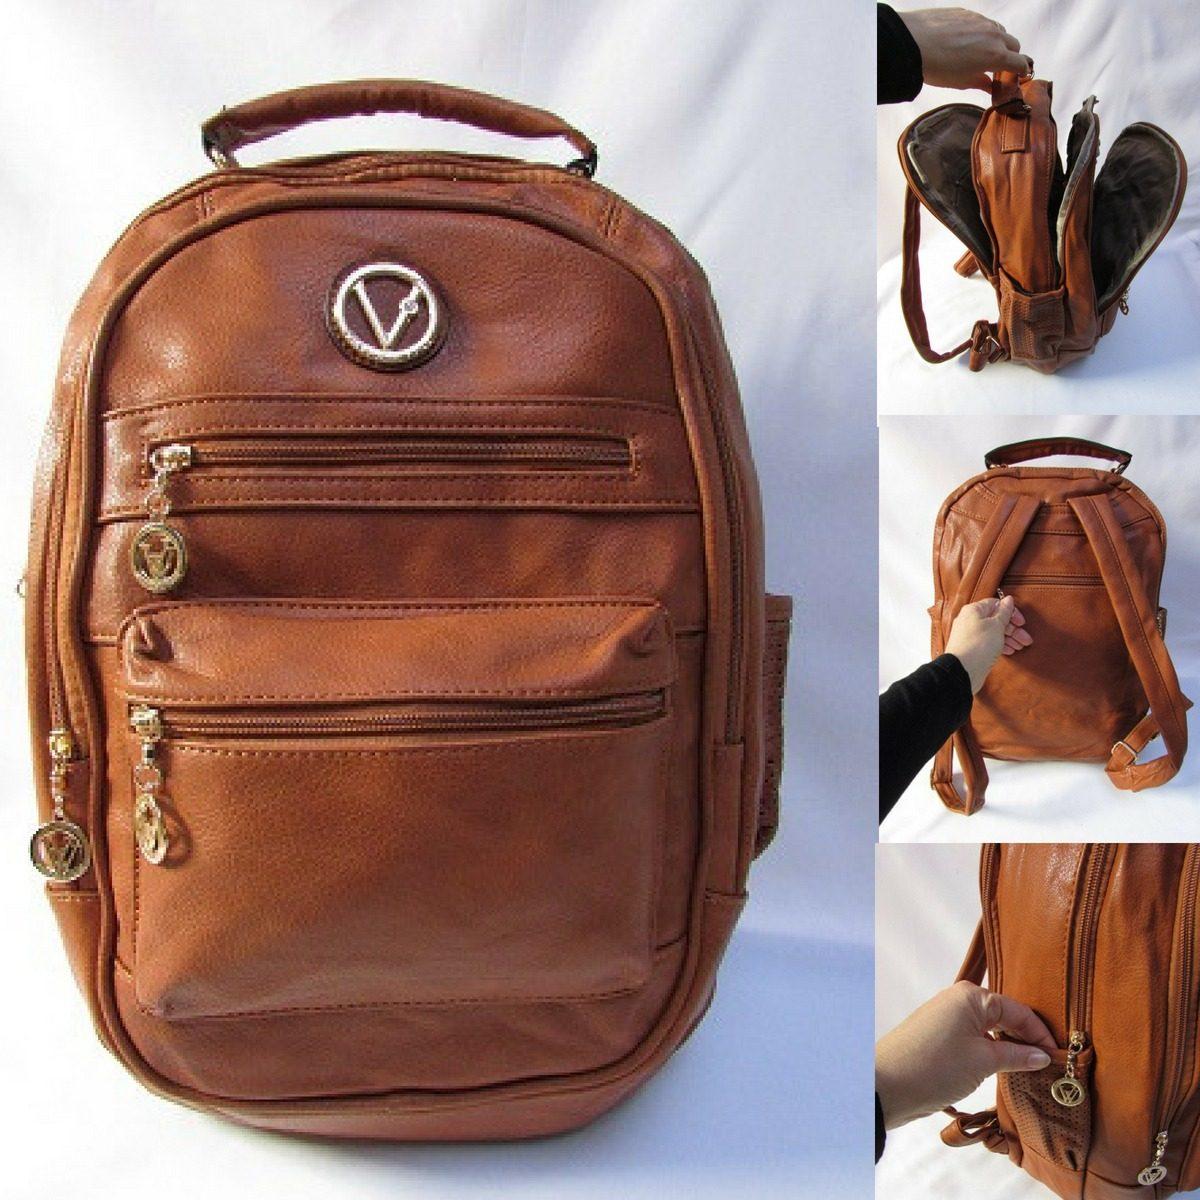 b5e5b5db48a bolsa mochila couro ecológico super macio faculdade viajem. Carregando zoom.